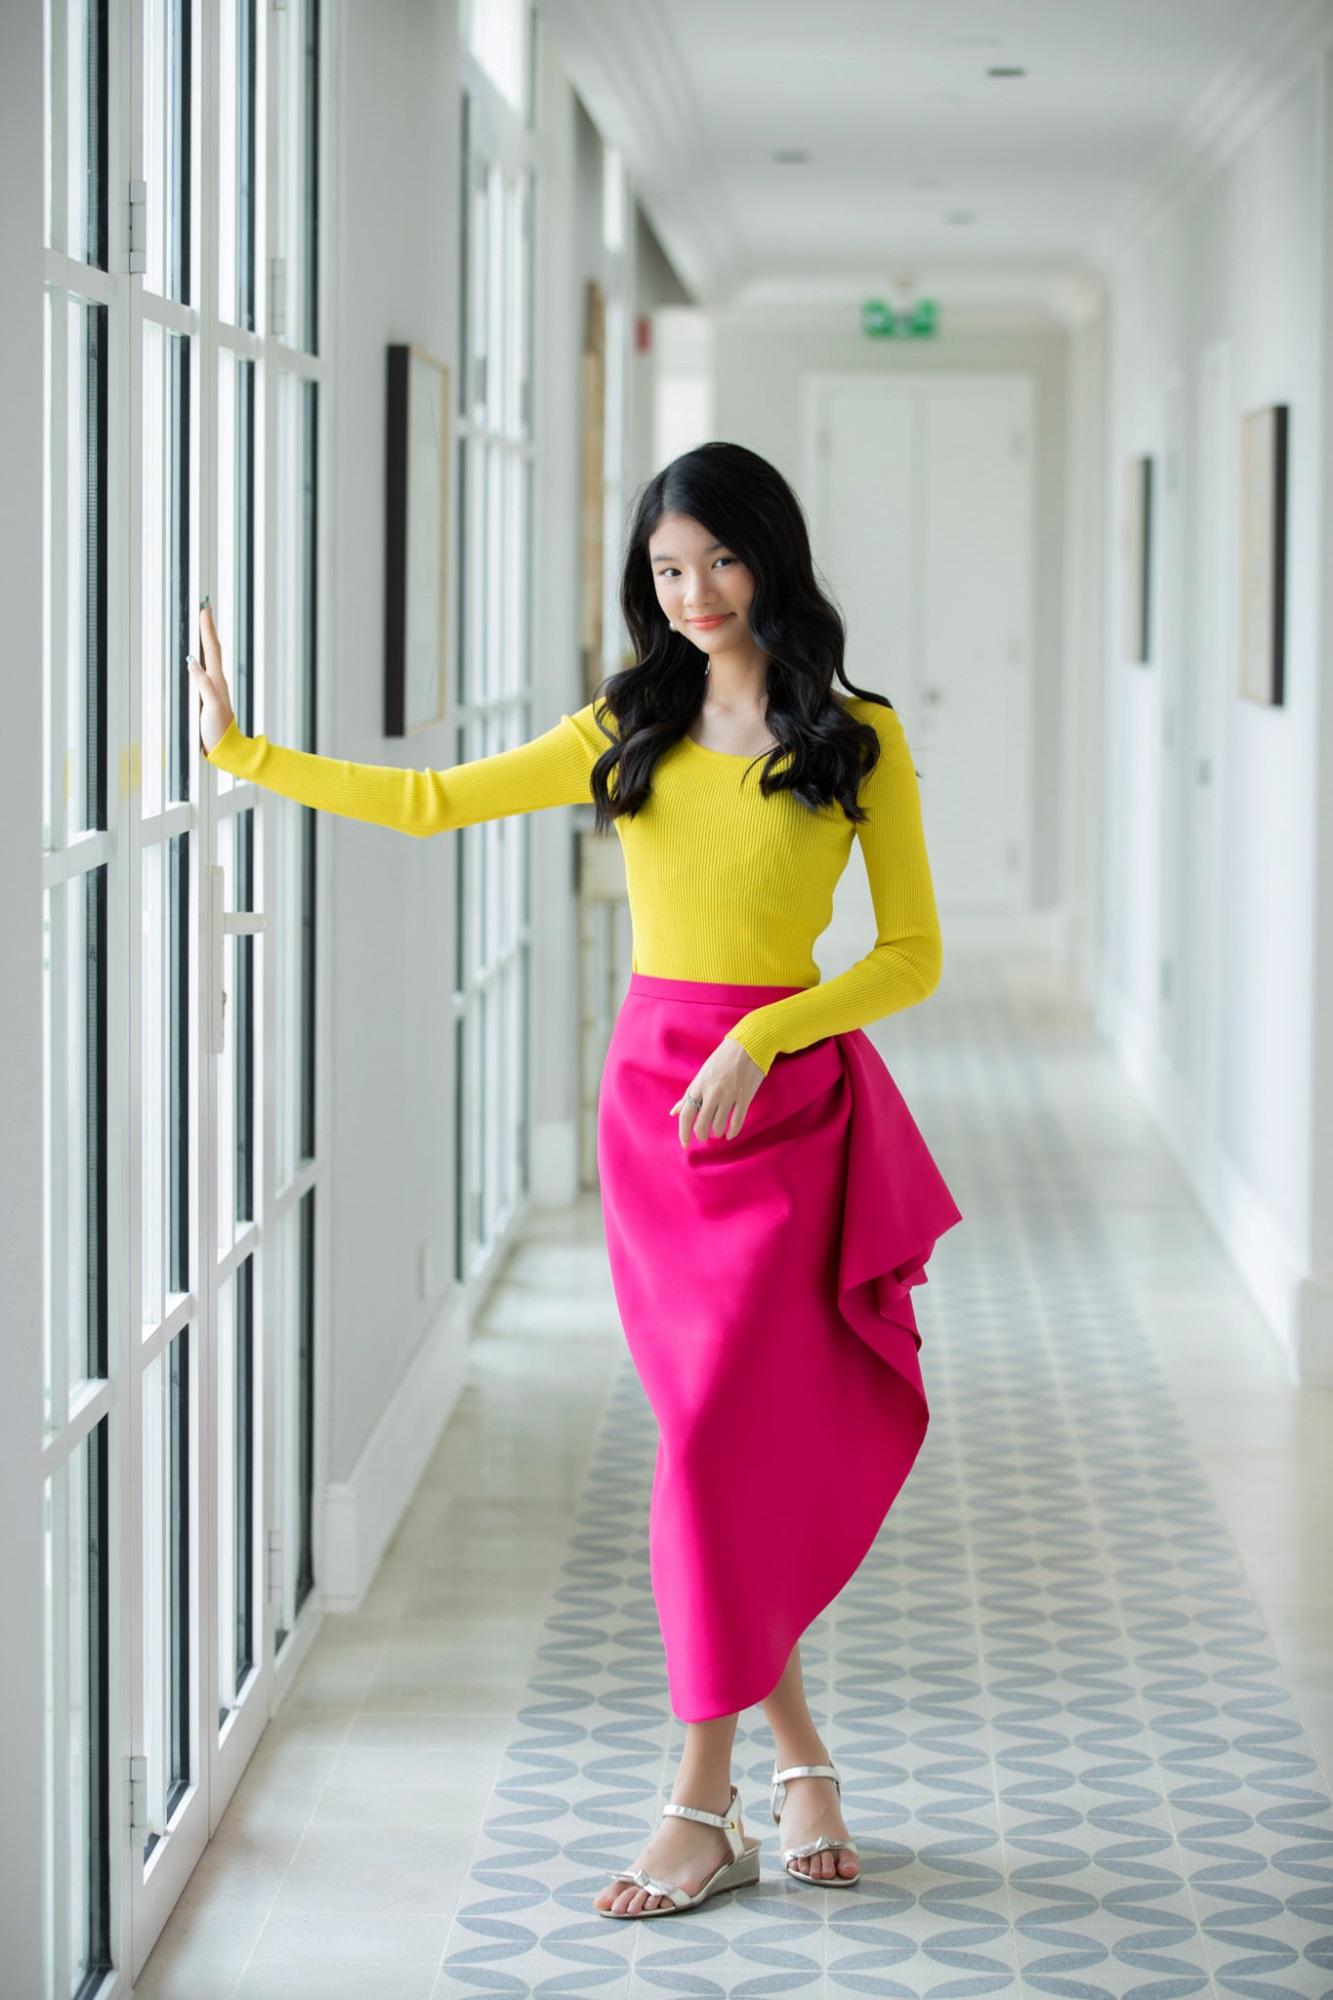 Các sao Việt có con gái xinh 'như hoa như ngọc', dự đoán sẽ trở thành những 'nàng hậu' Vbiz - Ảnh 4